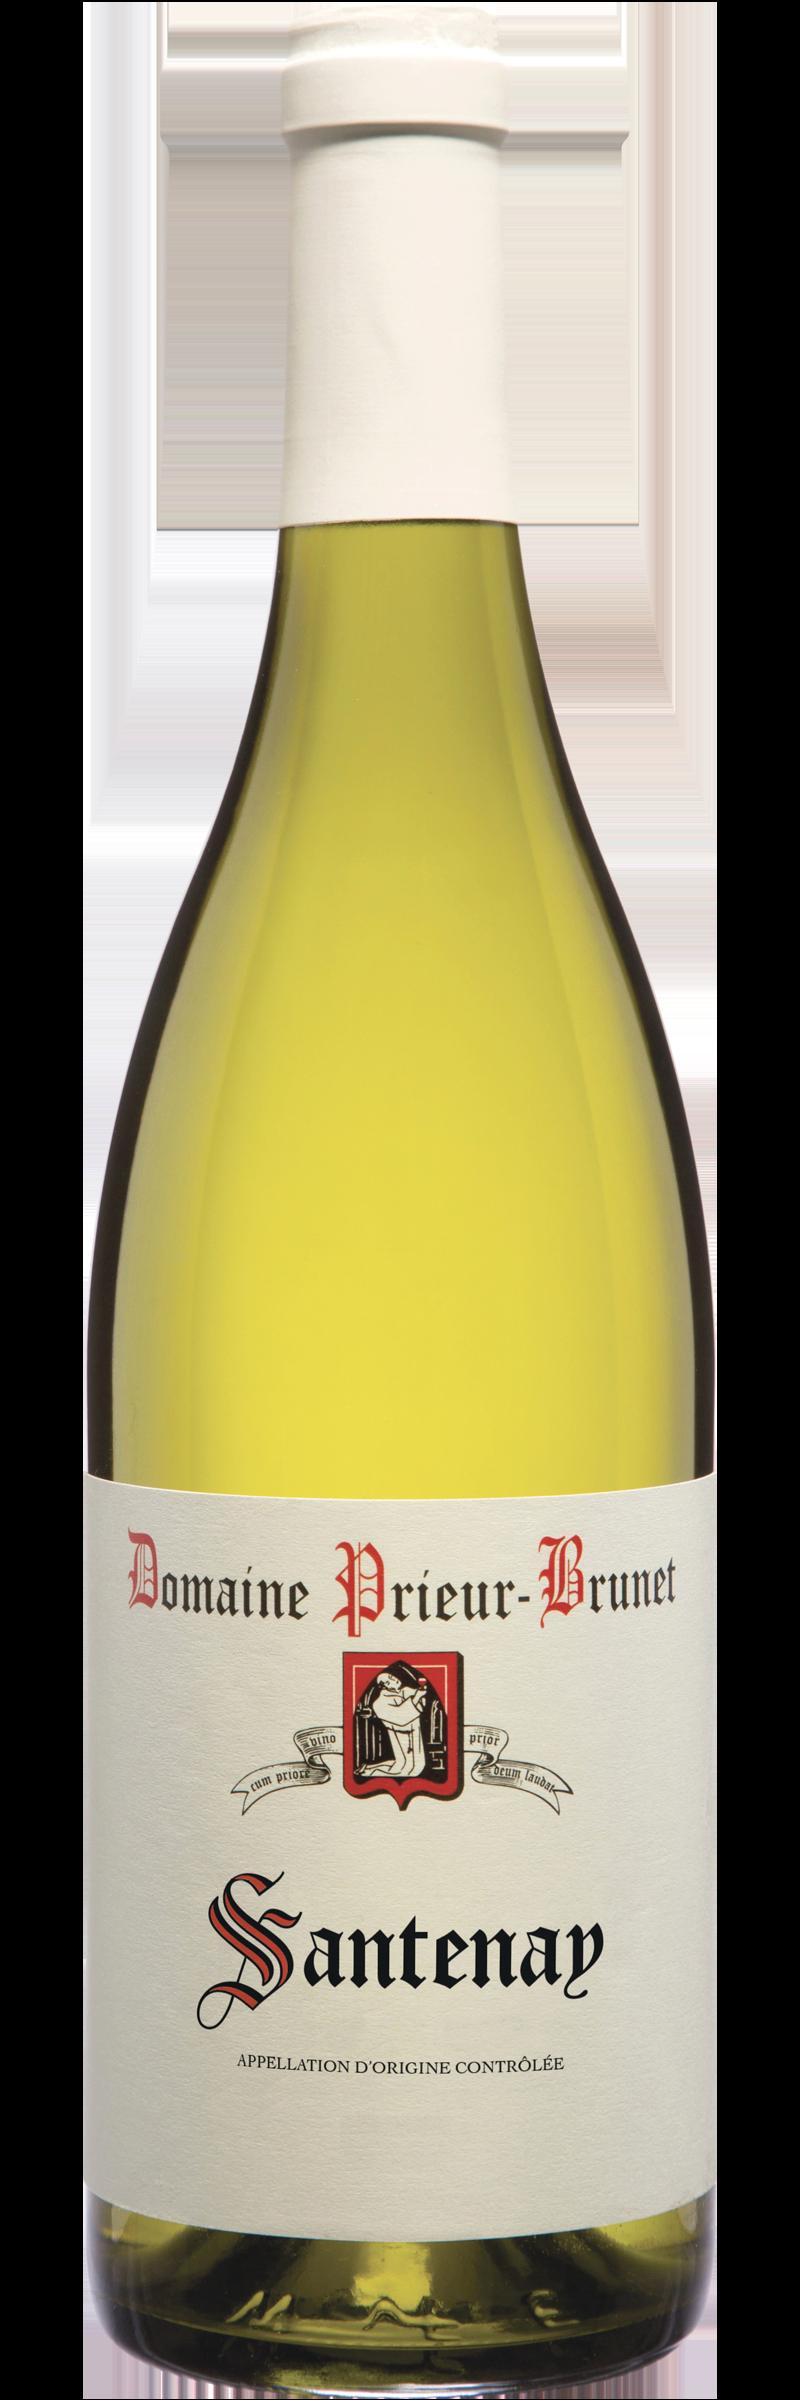 Domaine Prieur-Brunet Santenay Blanc